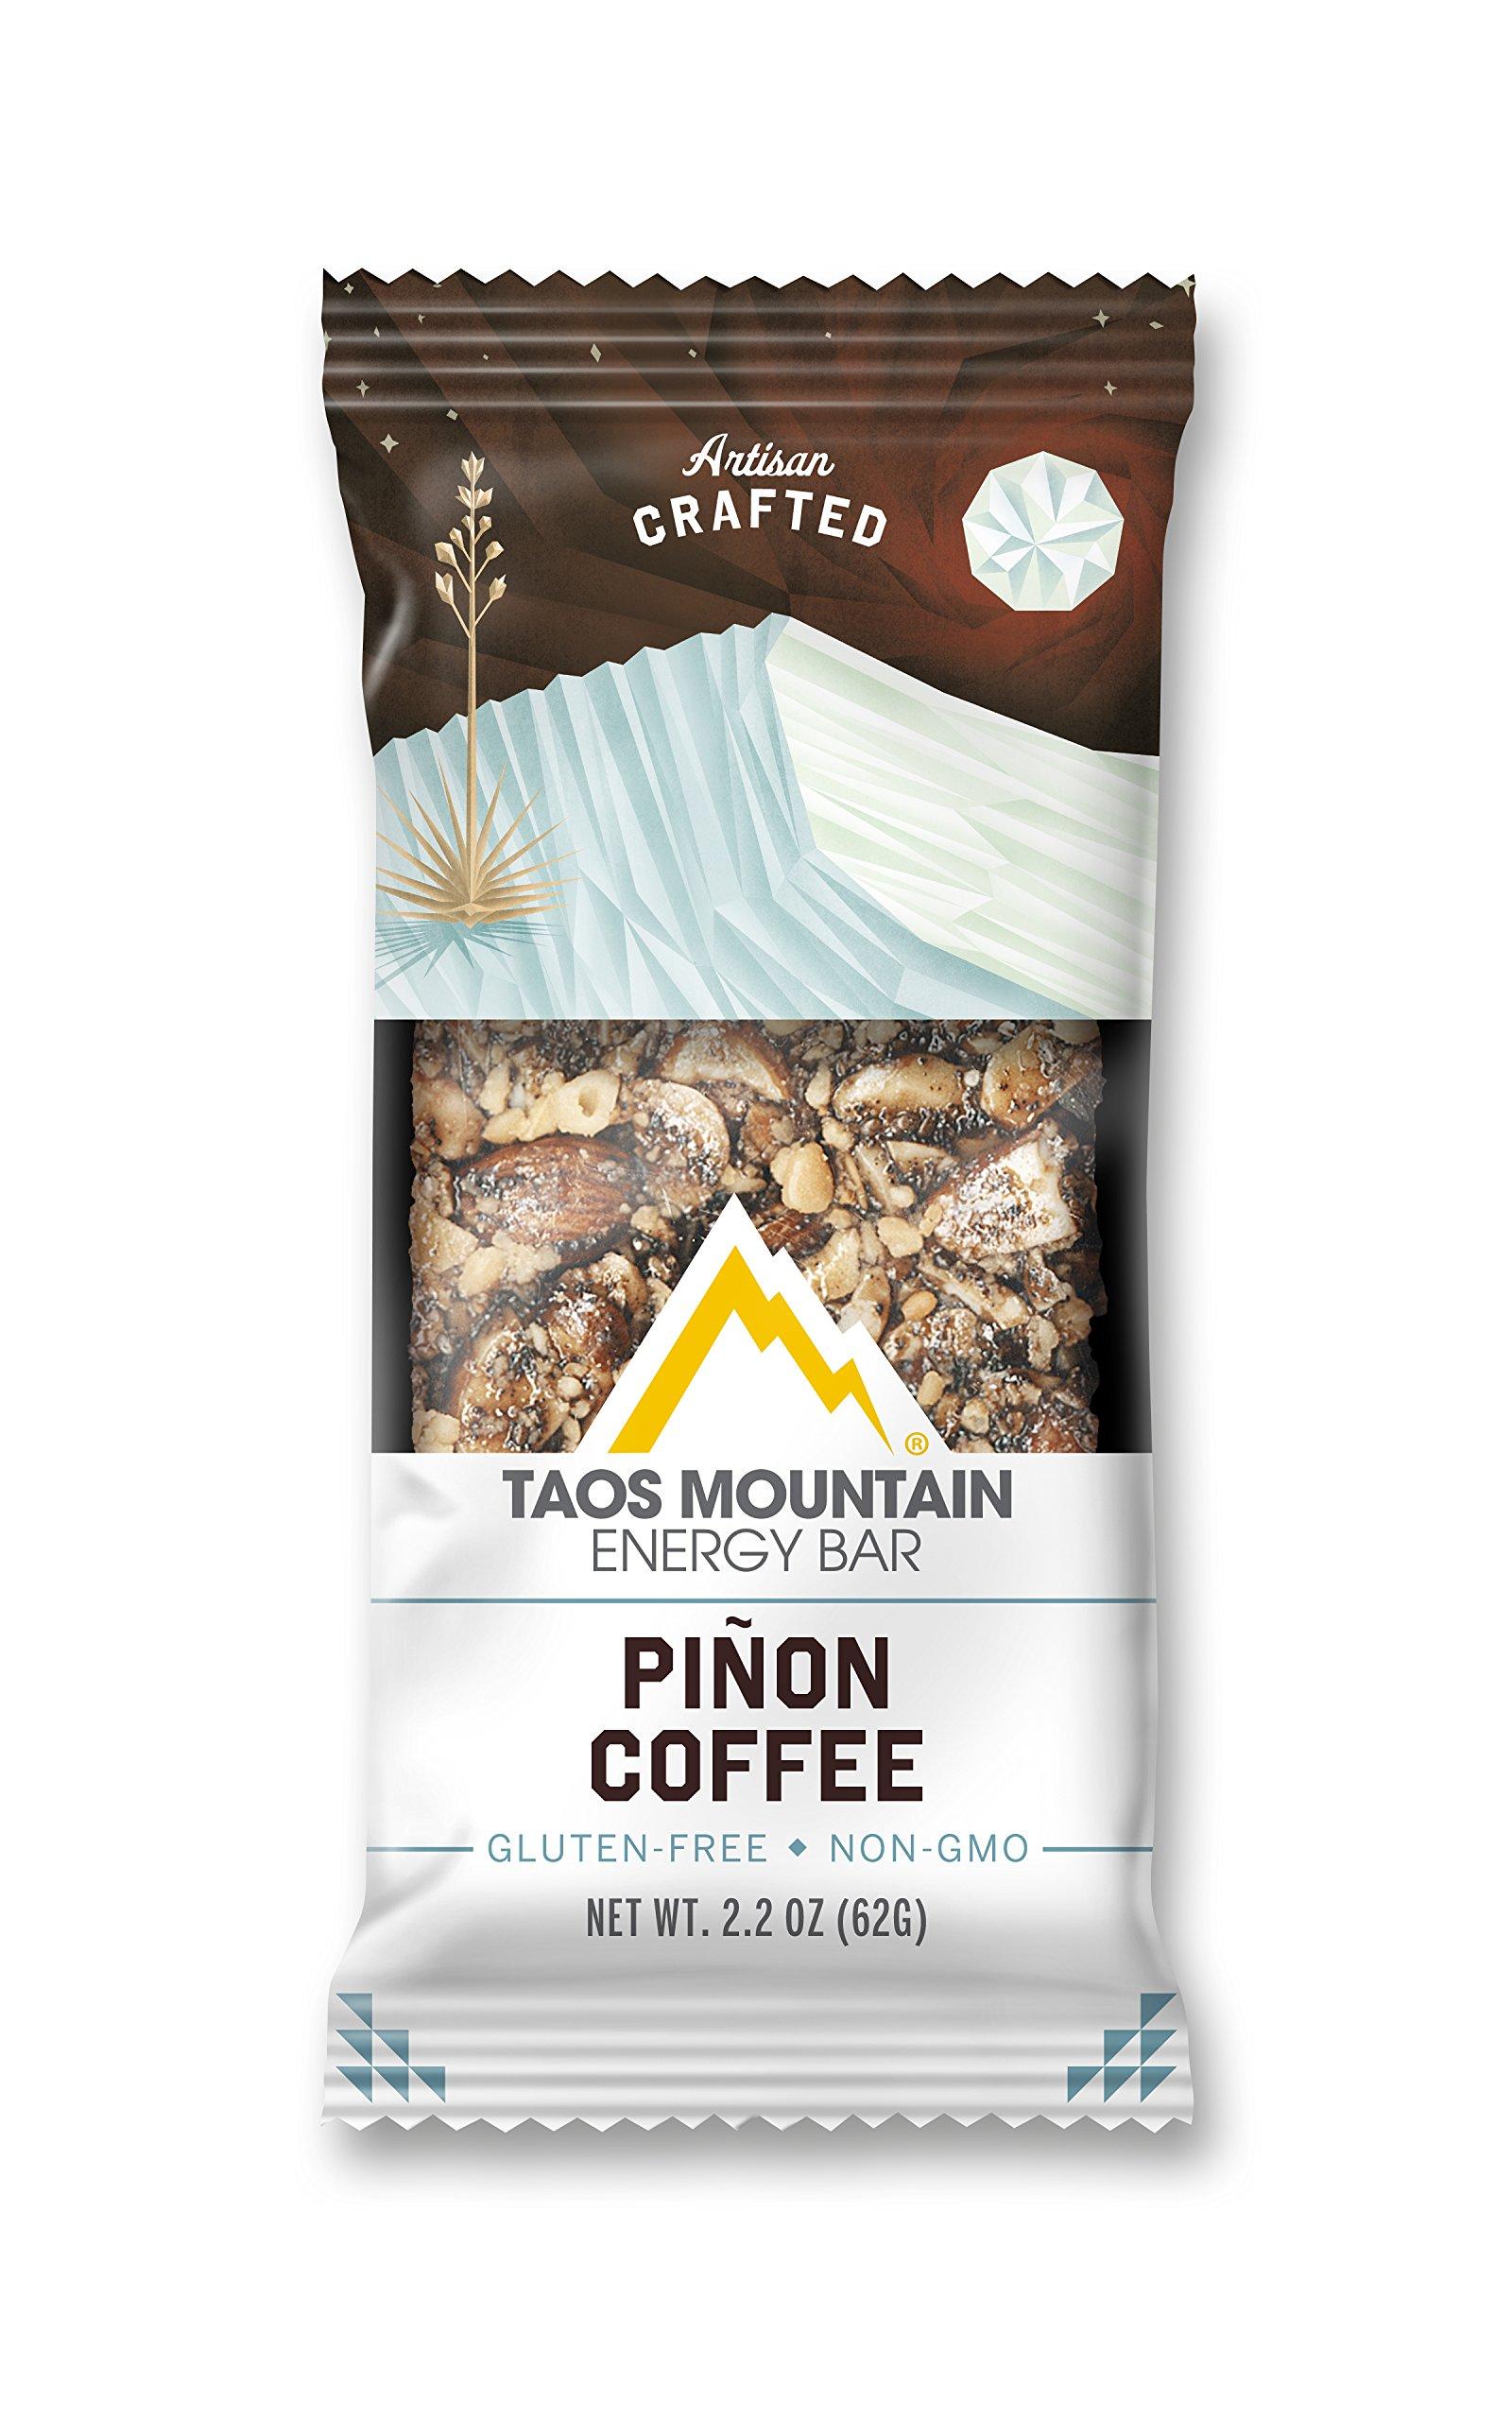 Taos Mountain Energy Bar - Pinon Coffee (2.2 Ounce, 6 Count)